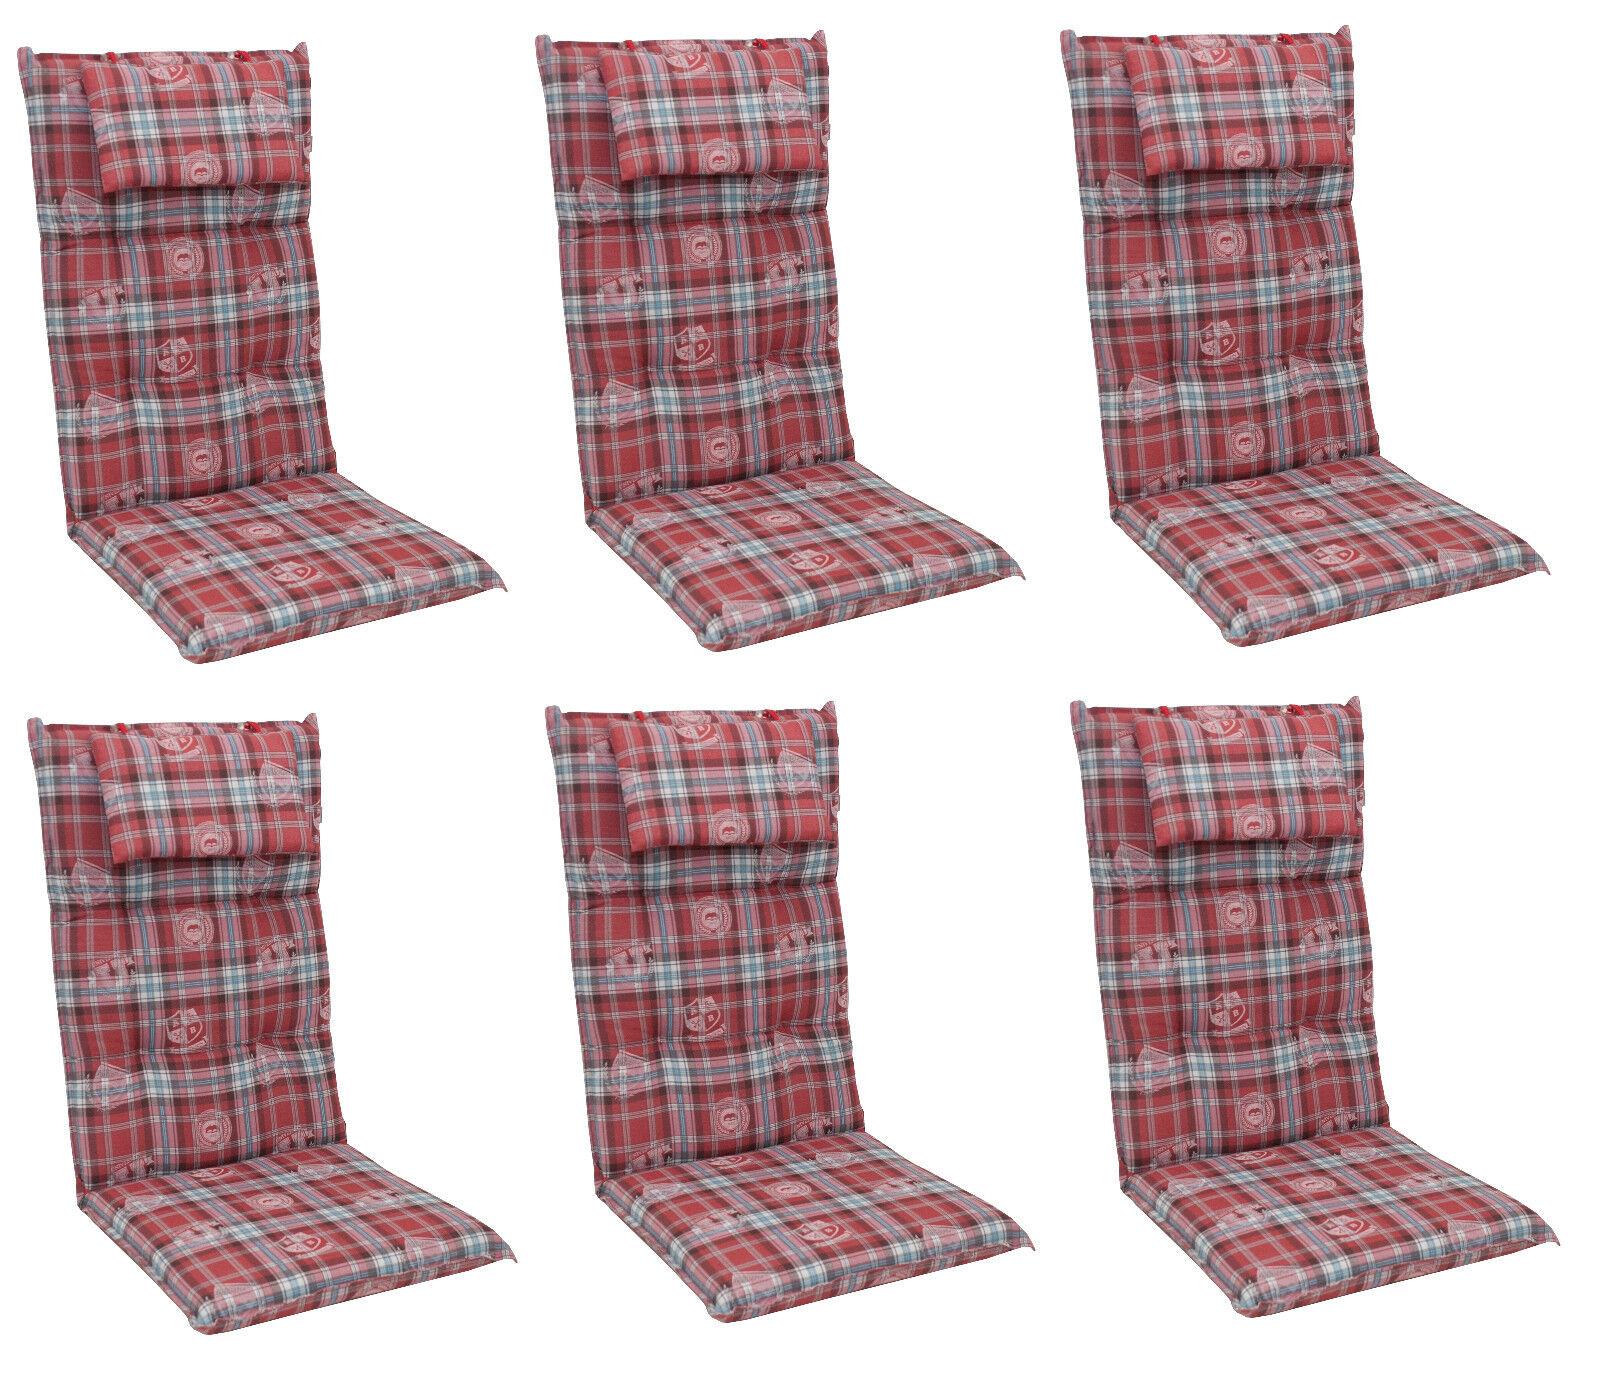 Luxus Gartenmöbel Hochlehner Sessel Auflagen Polster